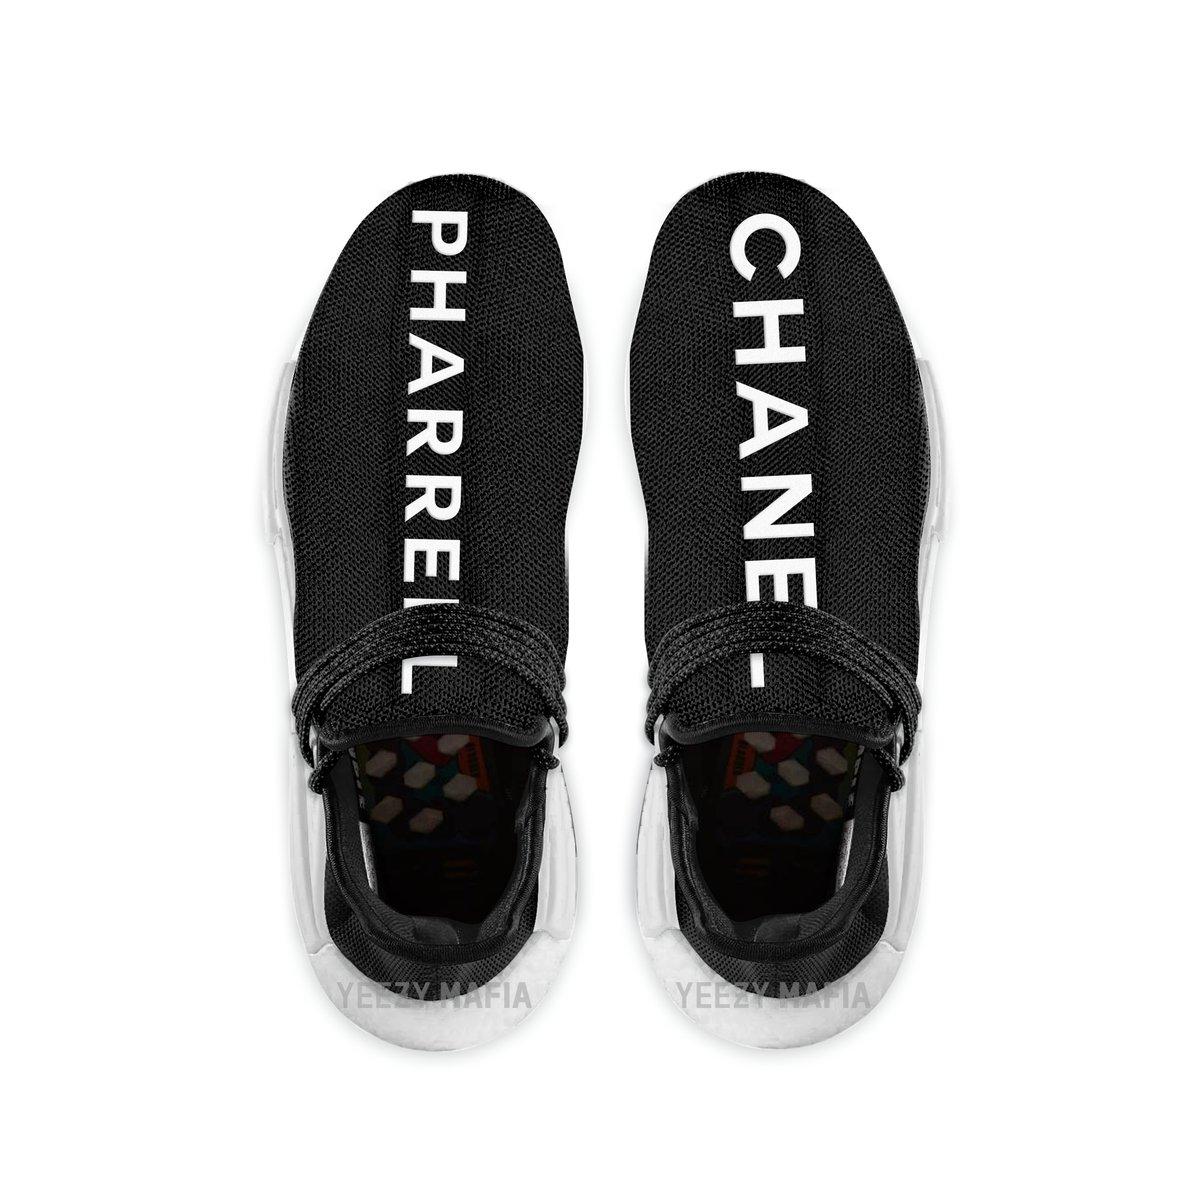 Promotion de groupe adidas nmd human race chanel.Dédié à